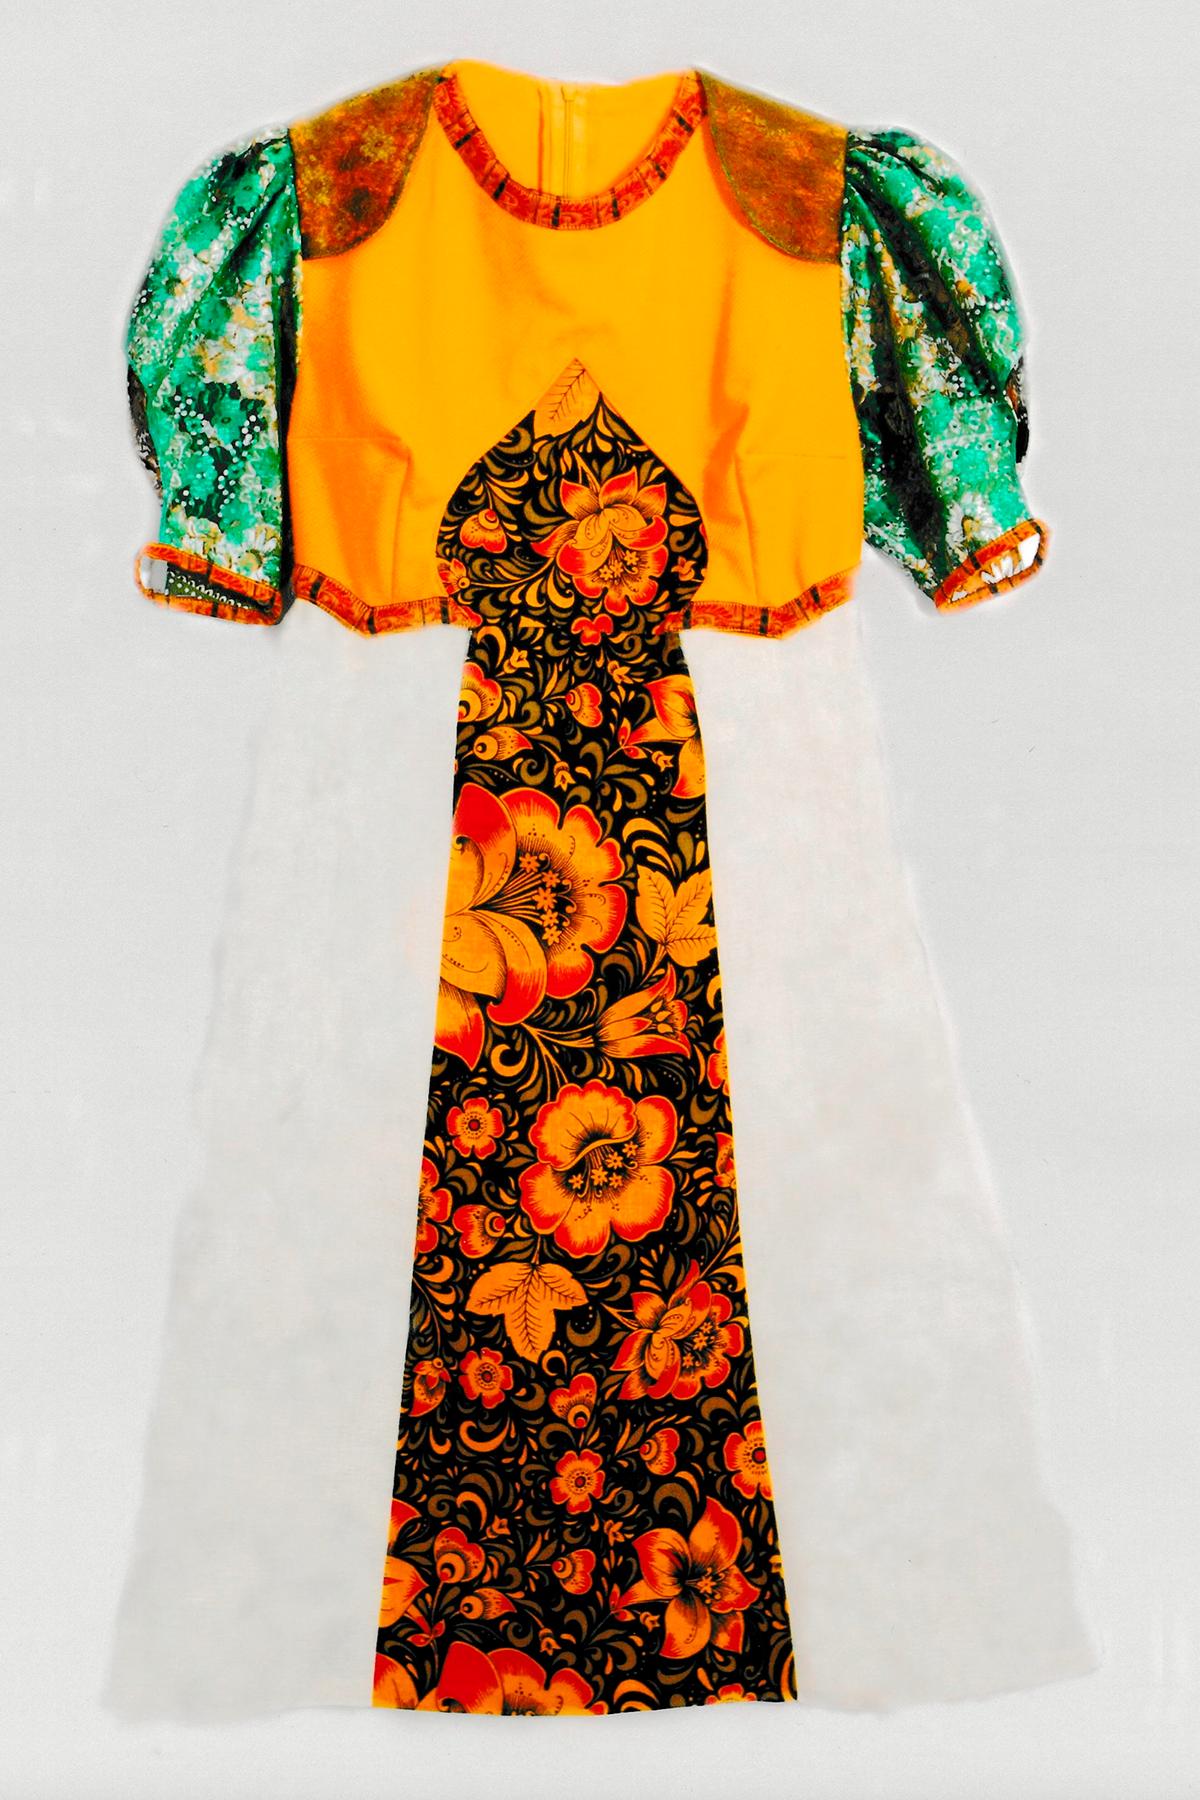 Это платье запатентовано как промышленный образец в России